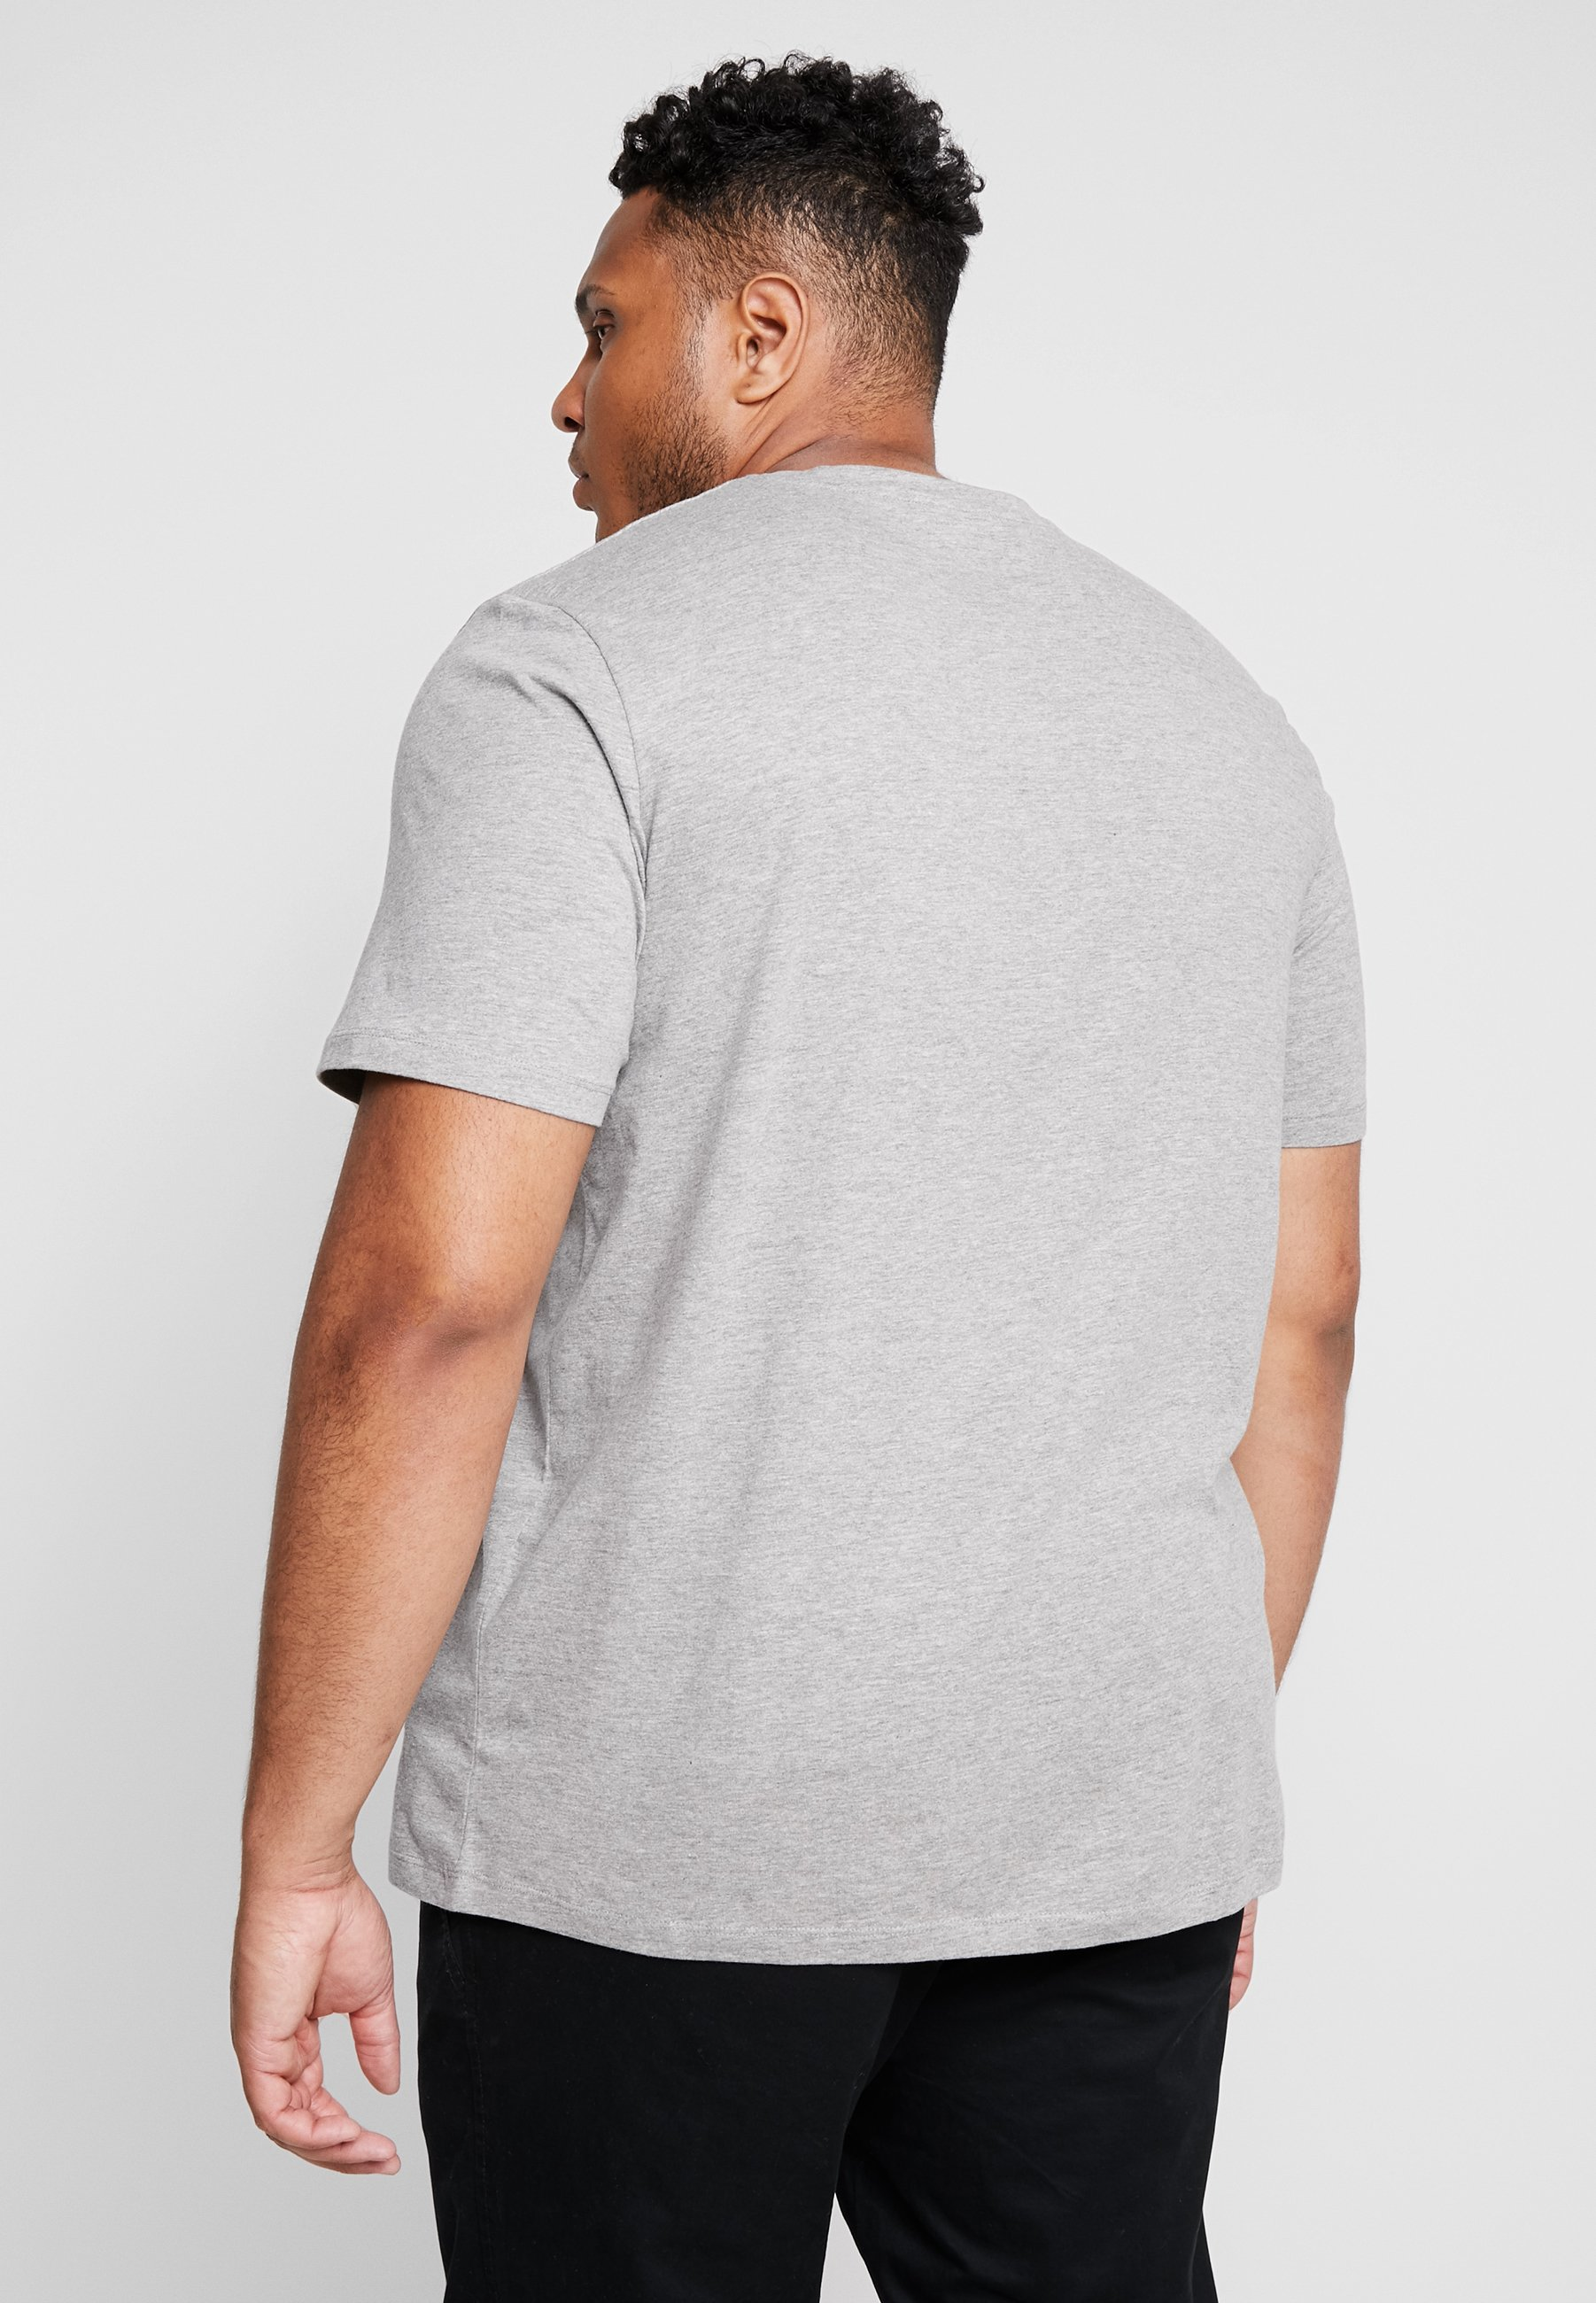 Jones T ImpriméLight Melange shirt Grey Jackamp; 0OmnNw8v